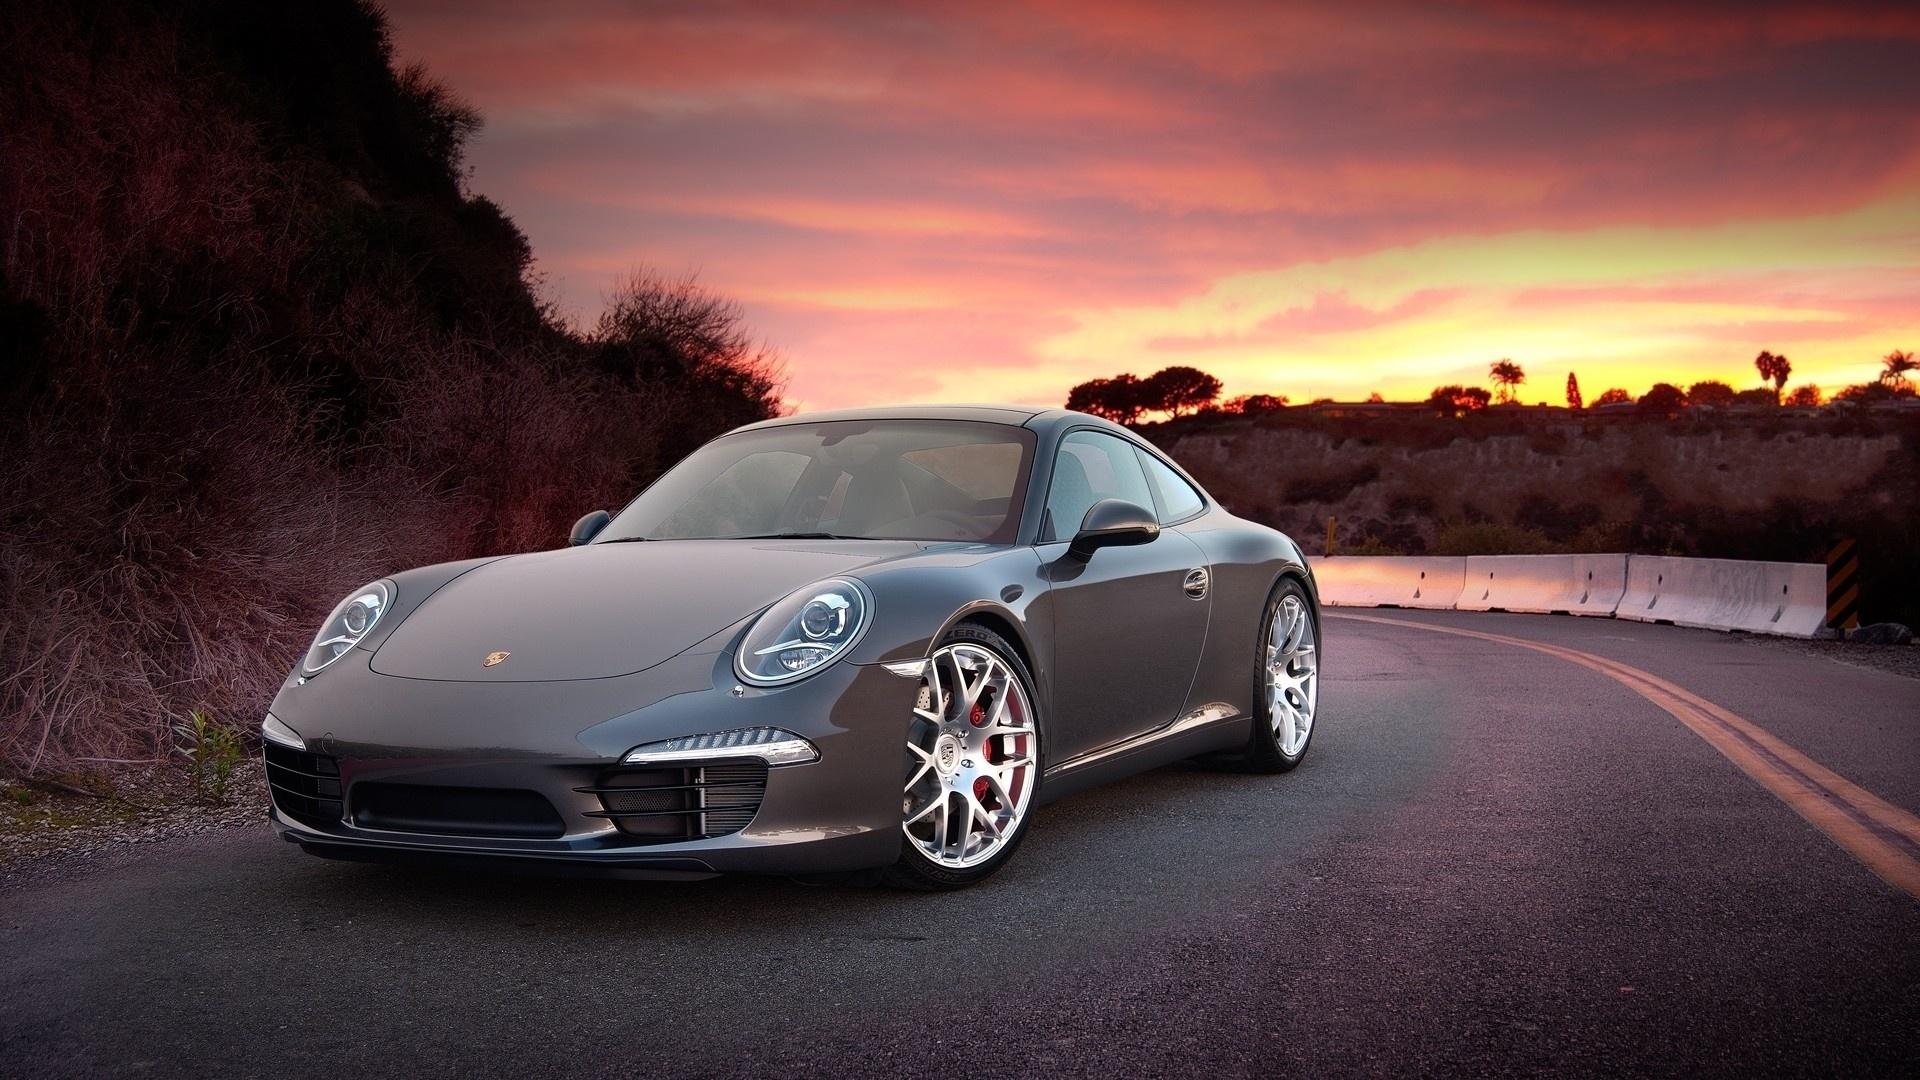 Porsche free photo